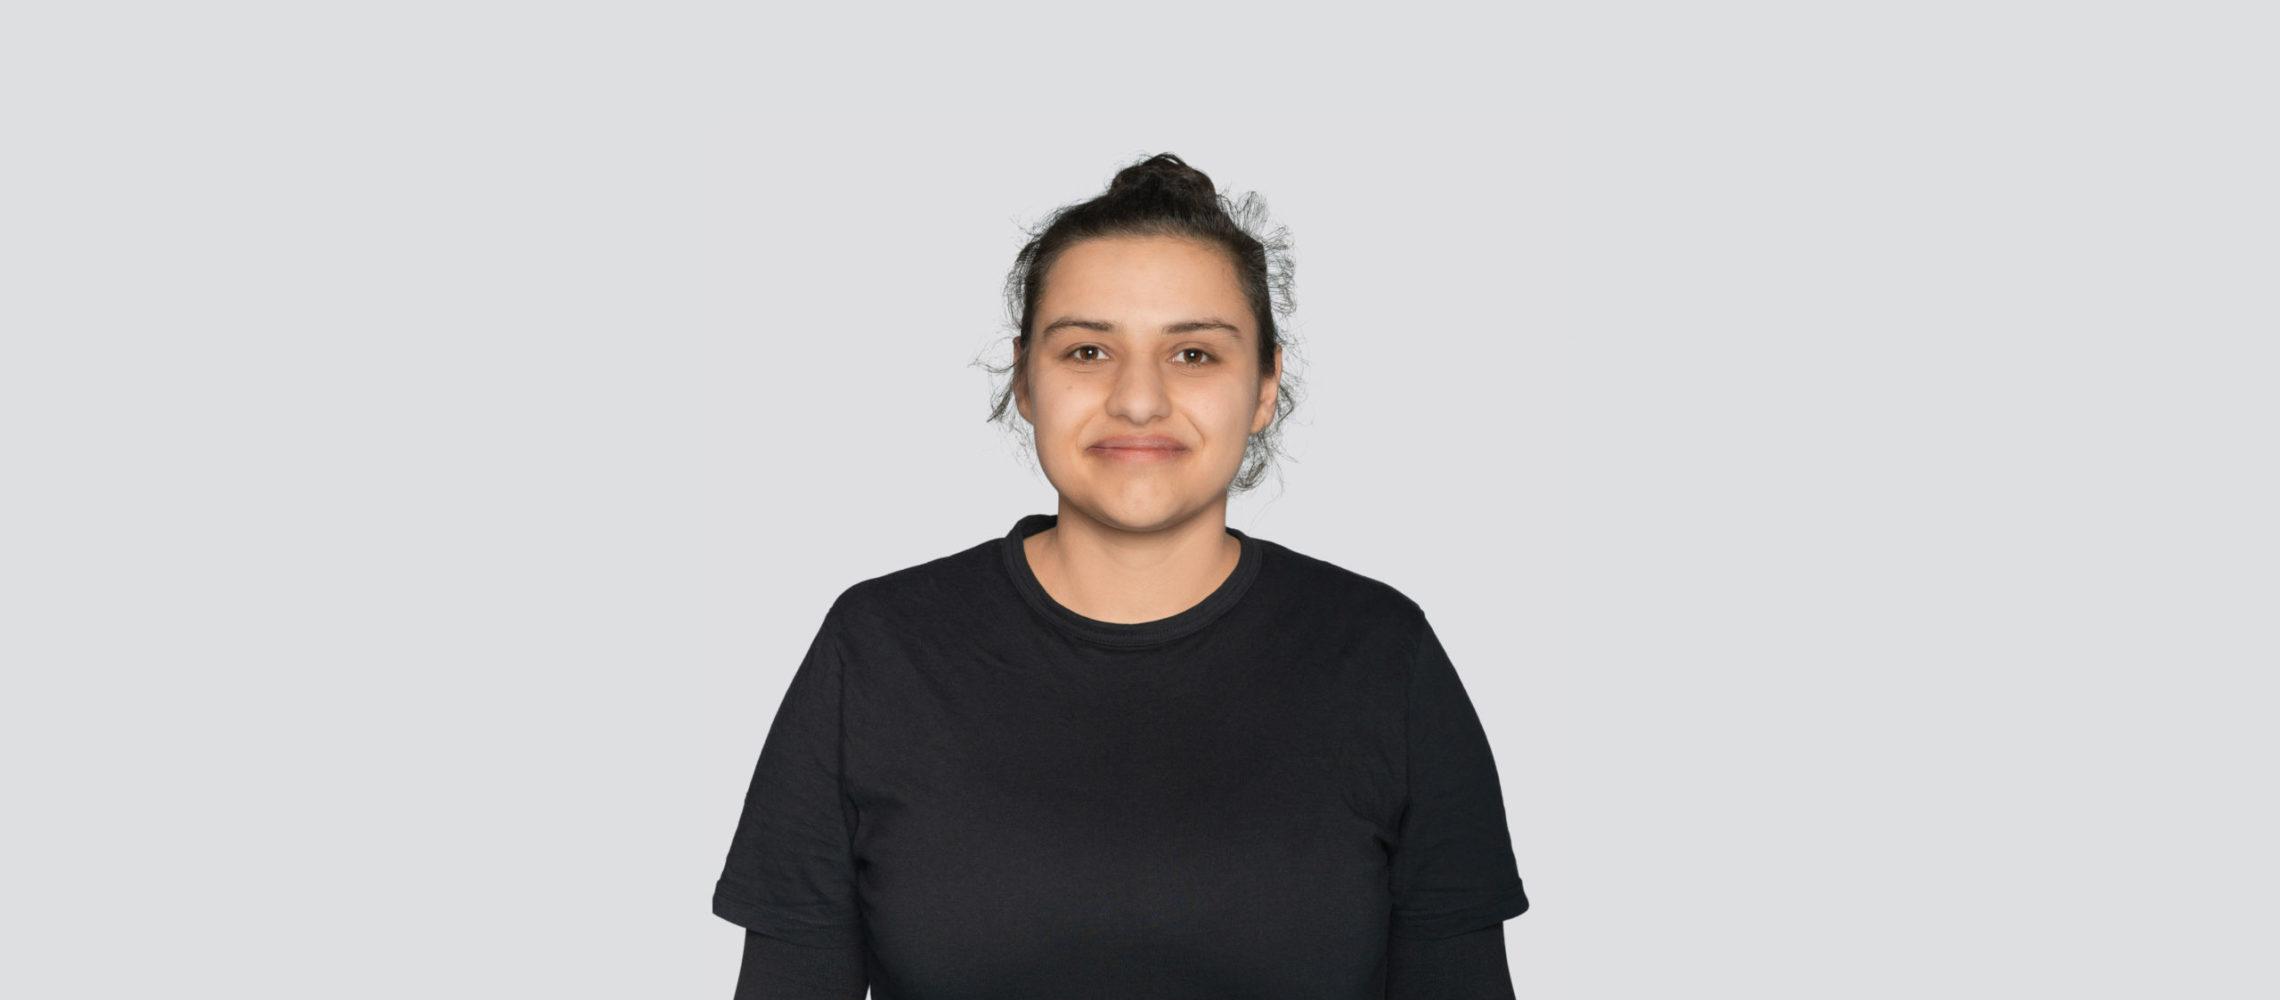 Amina Kanew